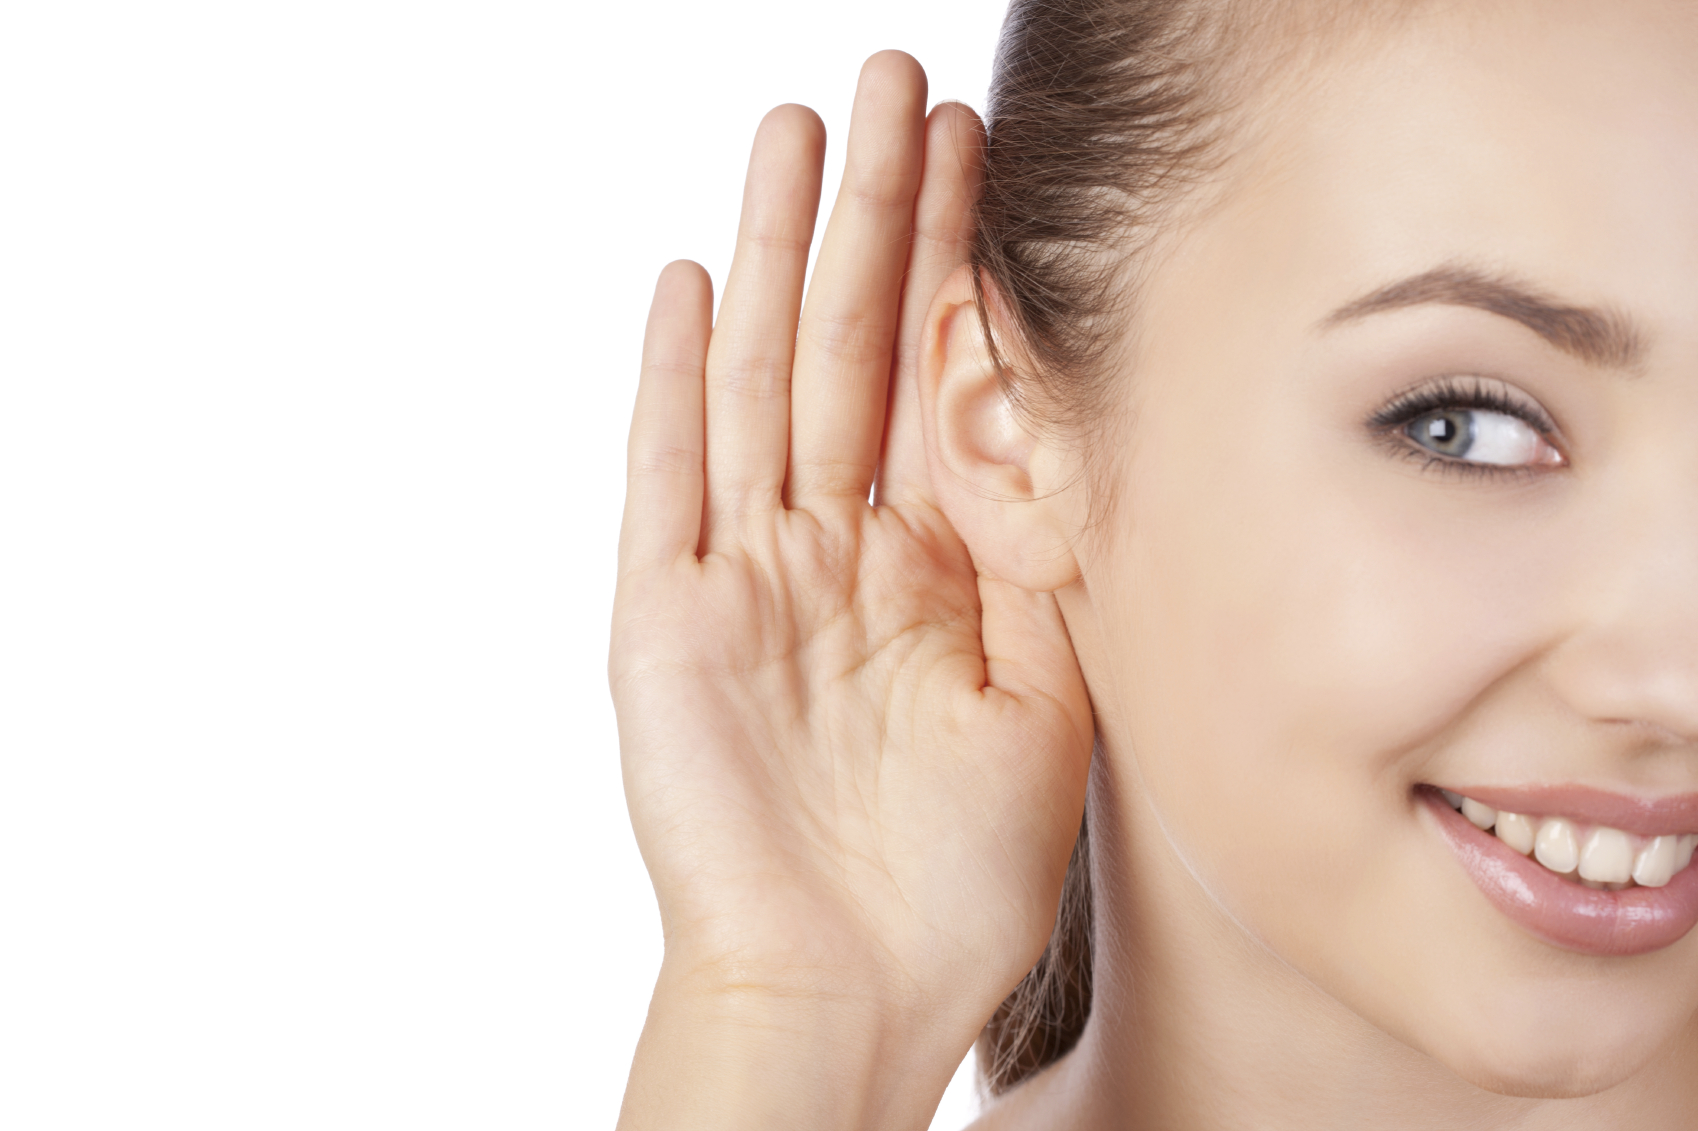 Sık Uçanlar ve Dalgıçlar Kulak Sağlığına Dikkat Etmeli